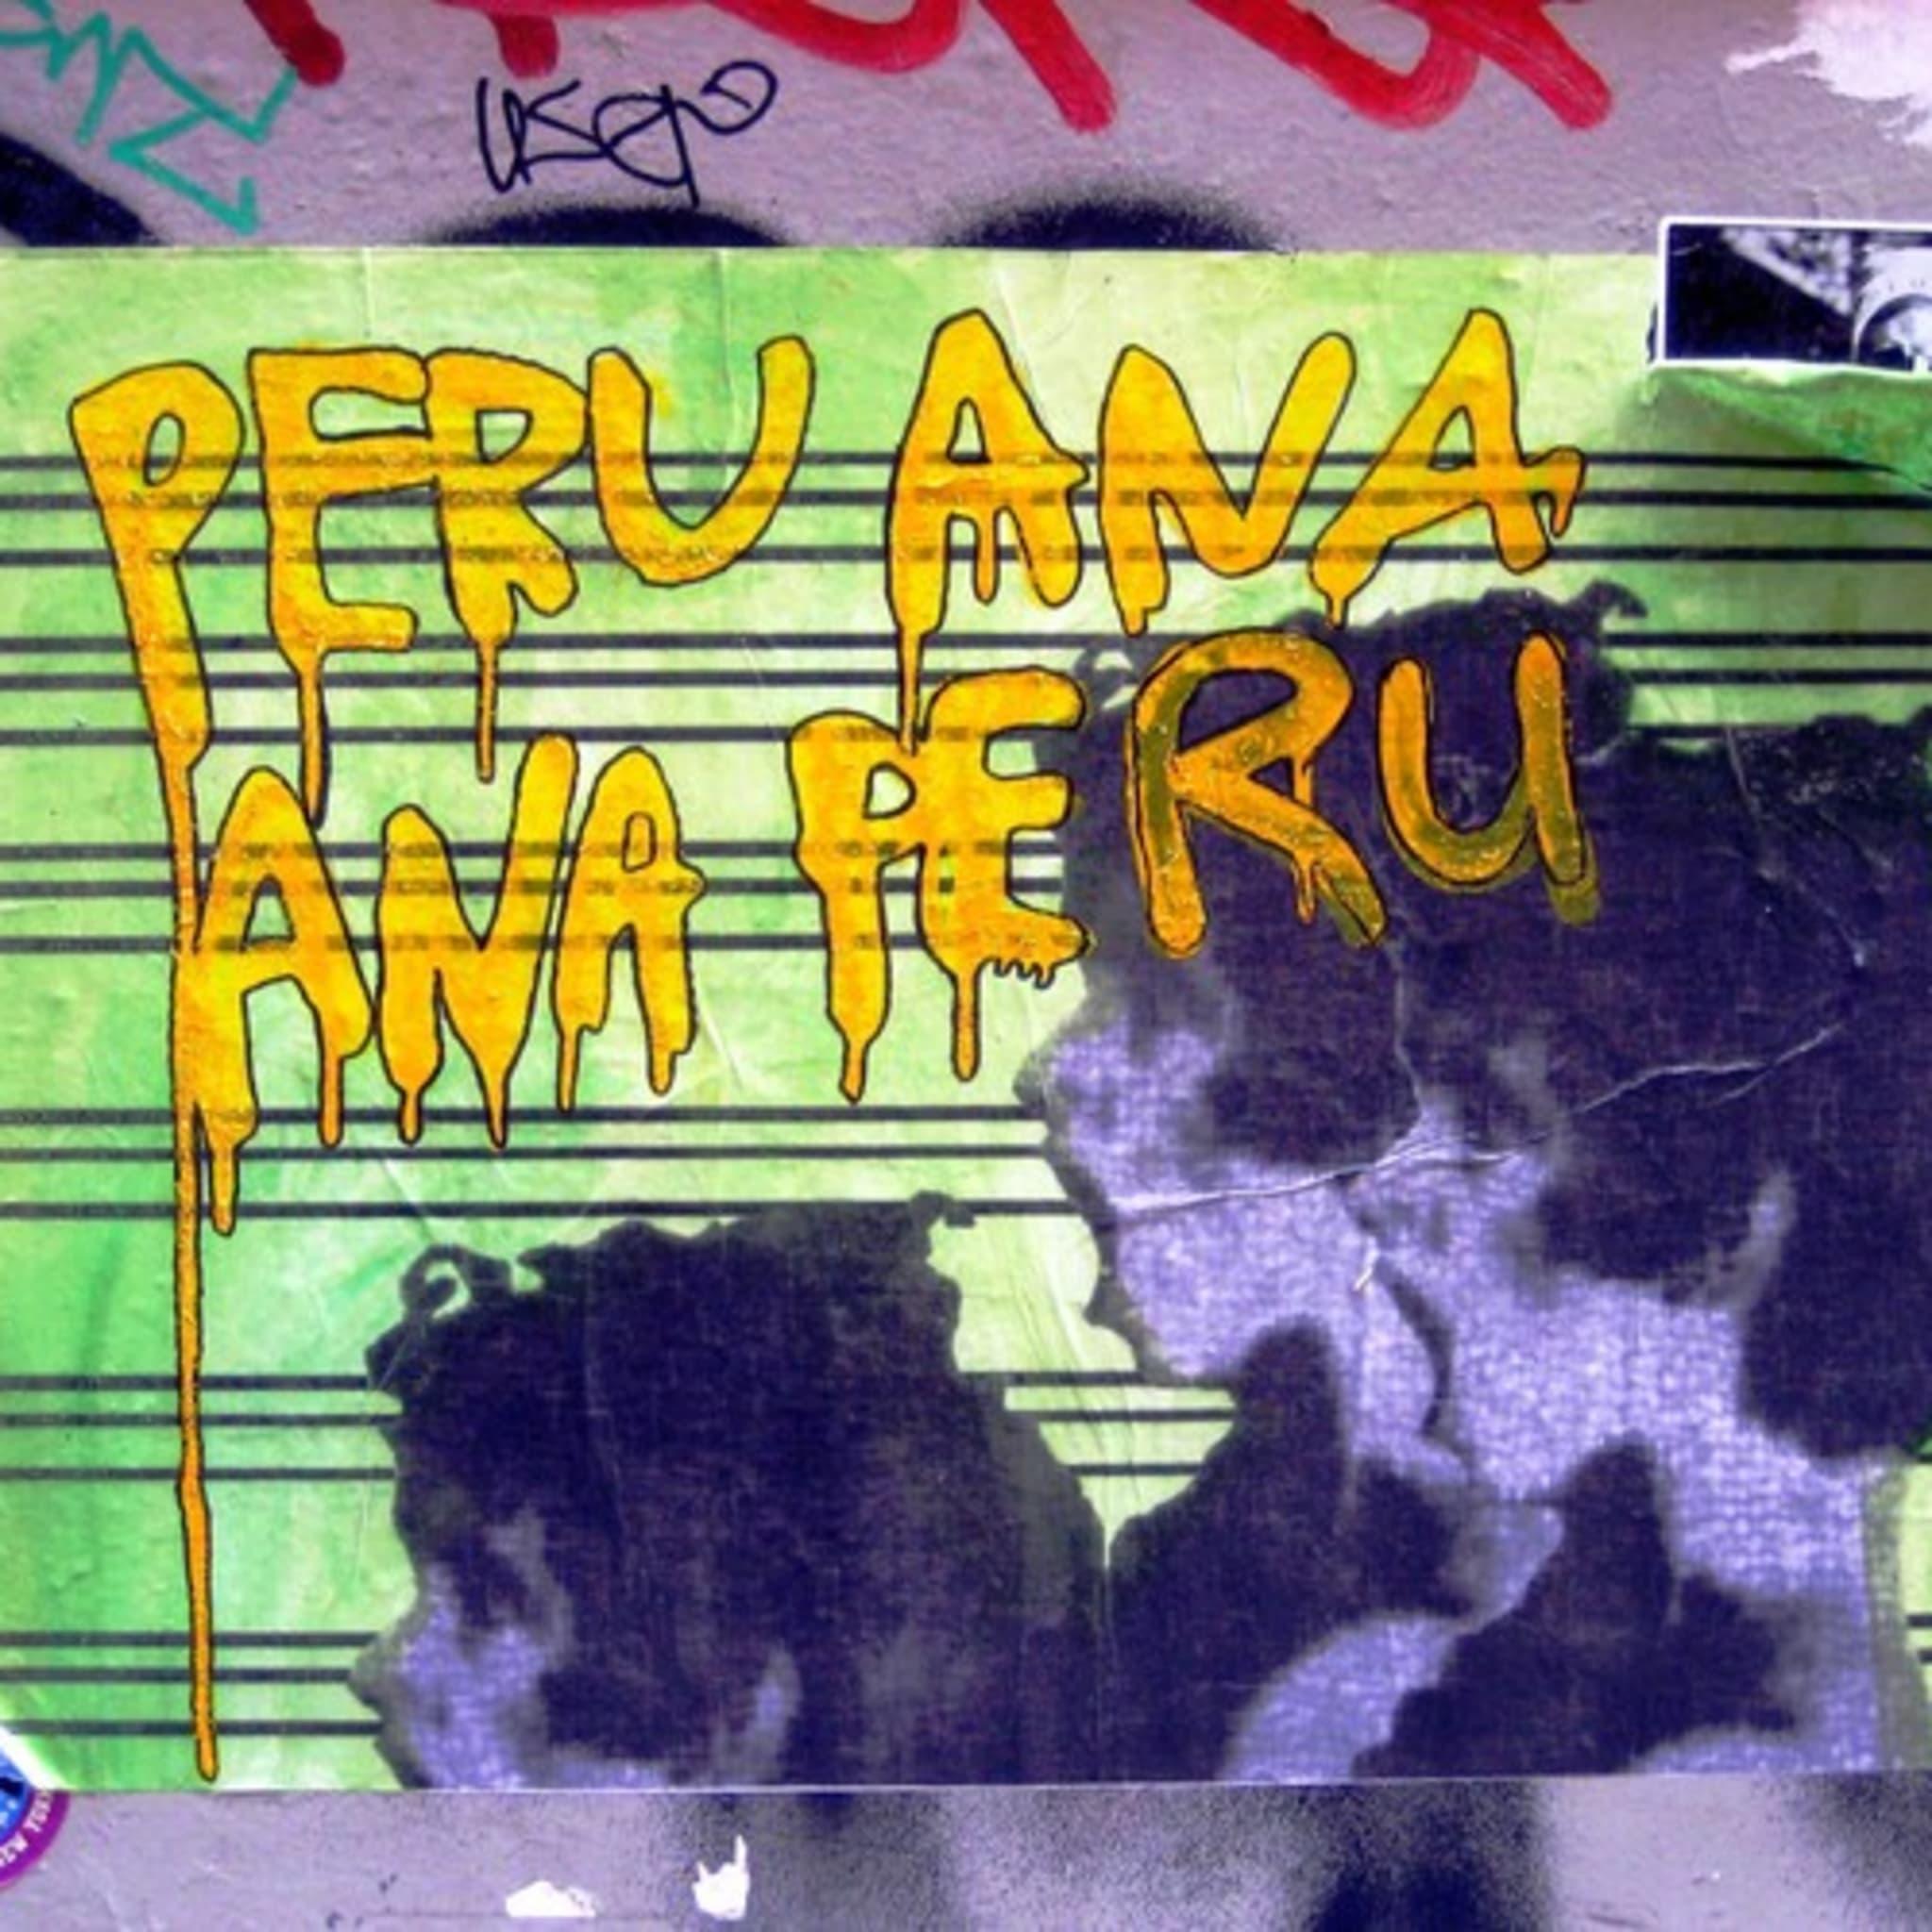 Peru Ana Peru